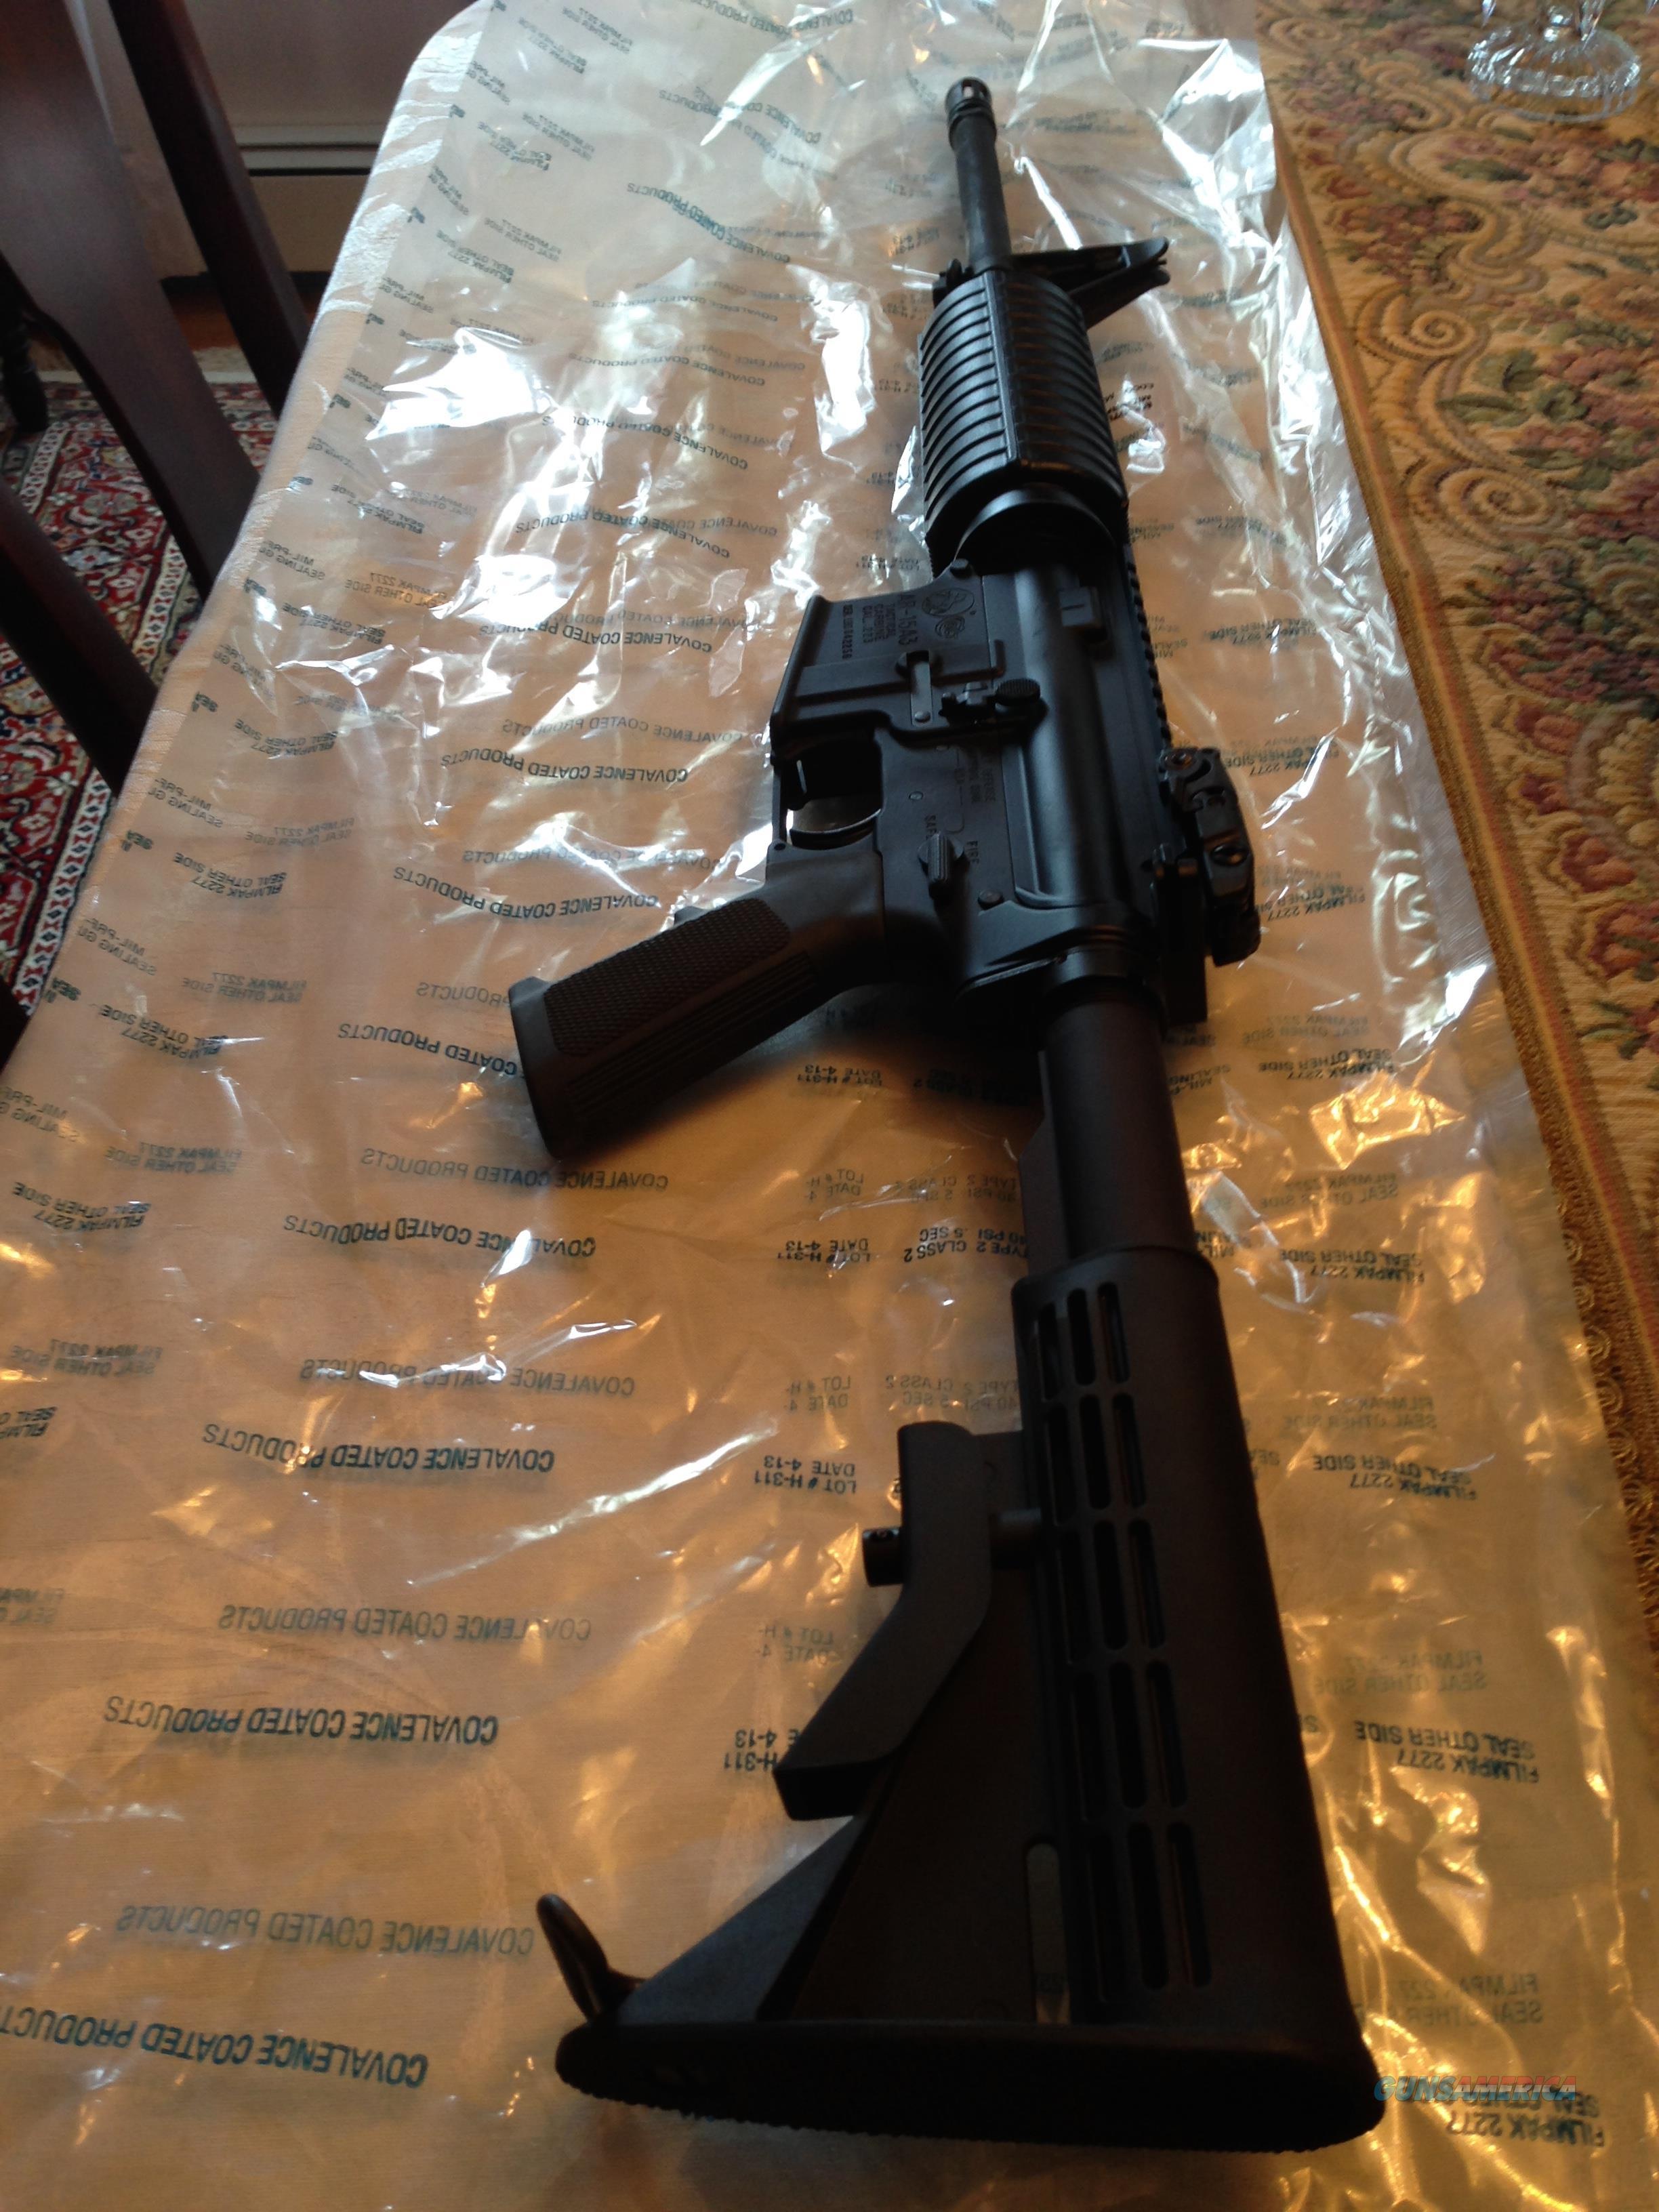 COLT- AR15 LE 6721 Heavy Barrel  Guns > Rifles > Colt Military/Tactical Rifles